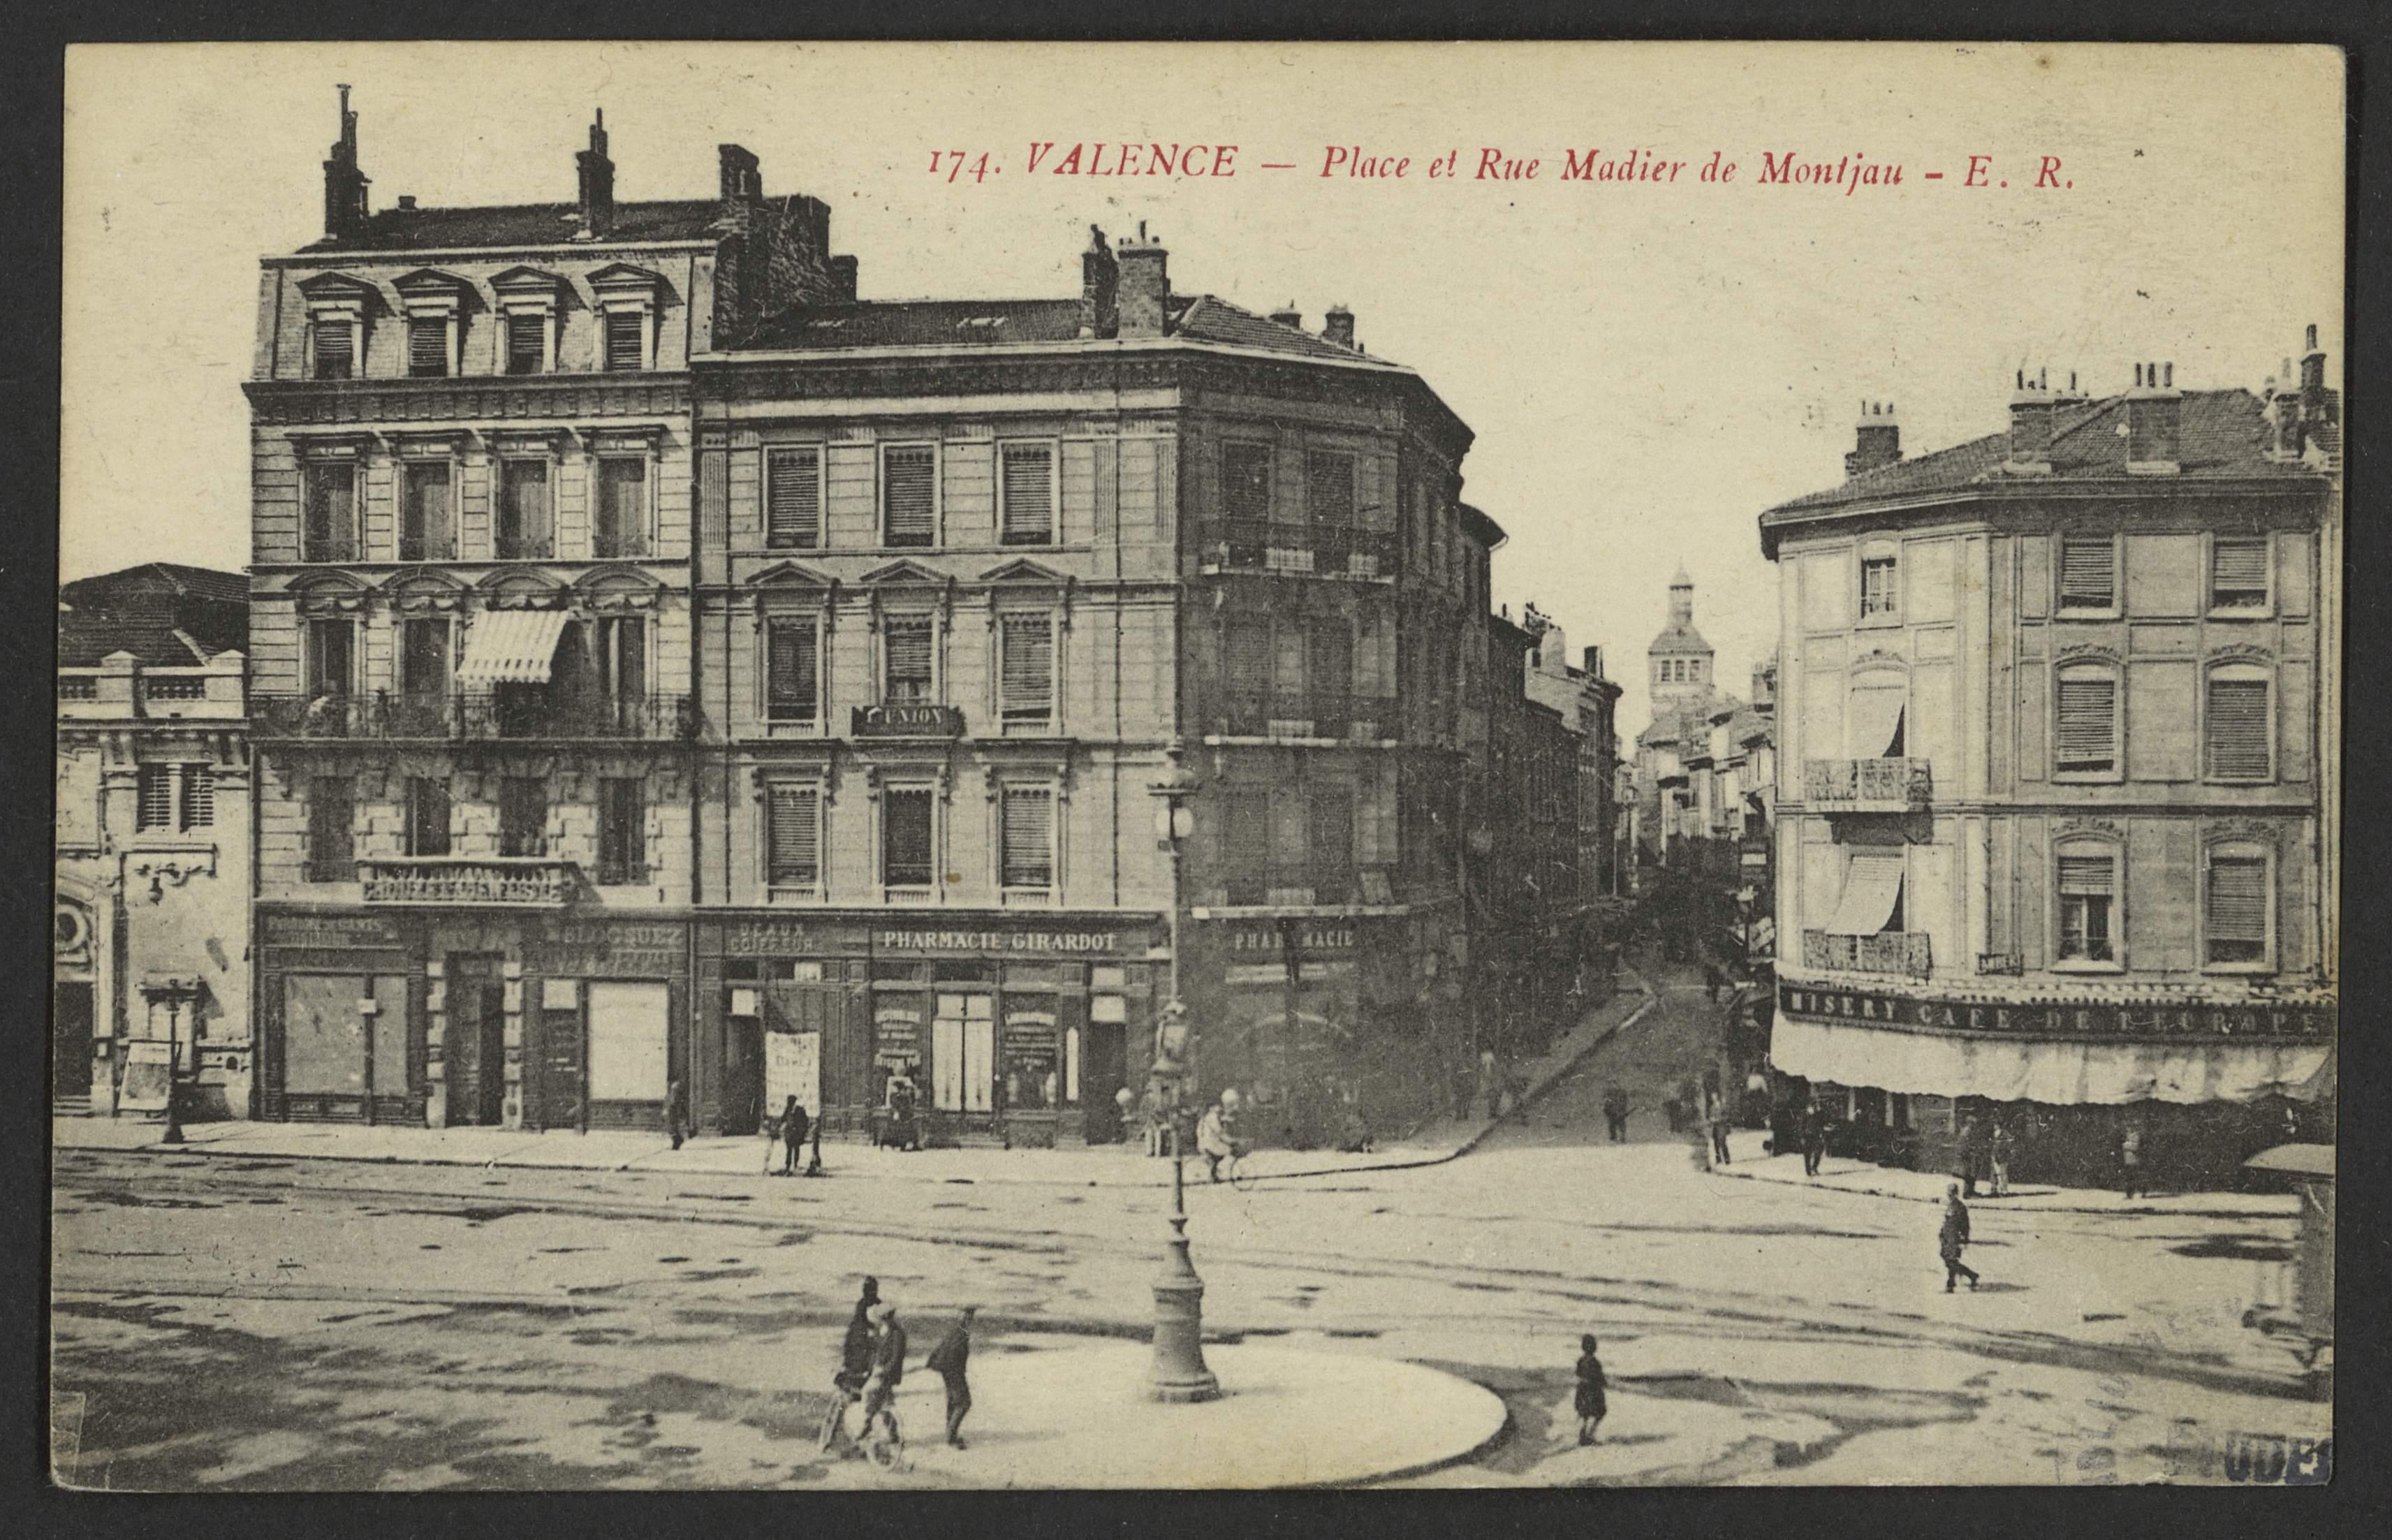 Valence - Place et Rue Madier de Montjau